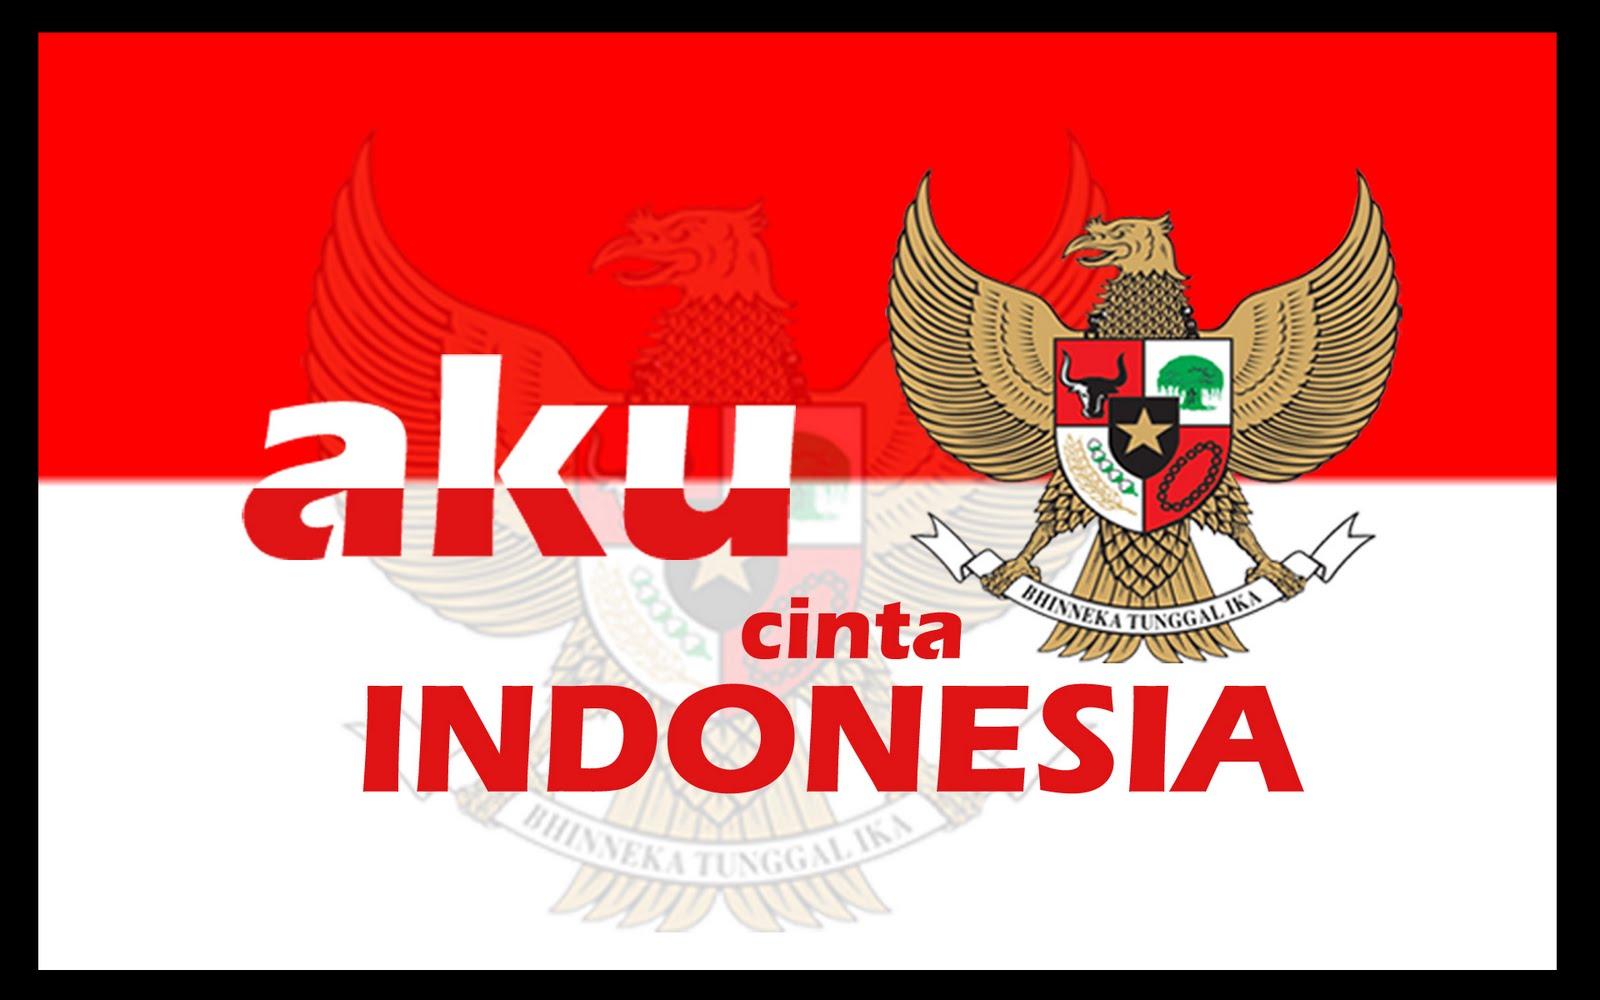 Wallpaper Aku Cinta Indonesia